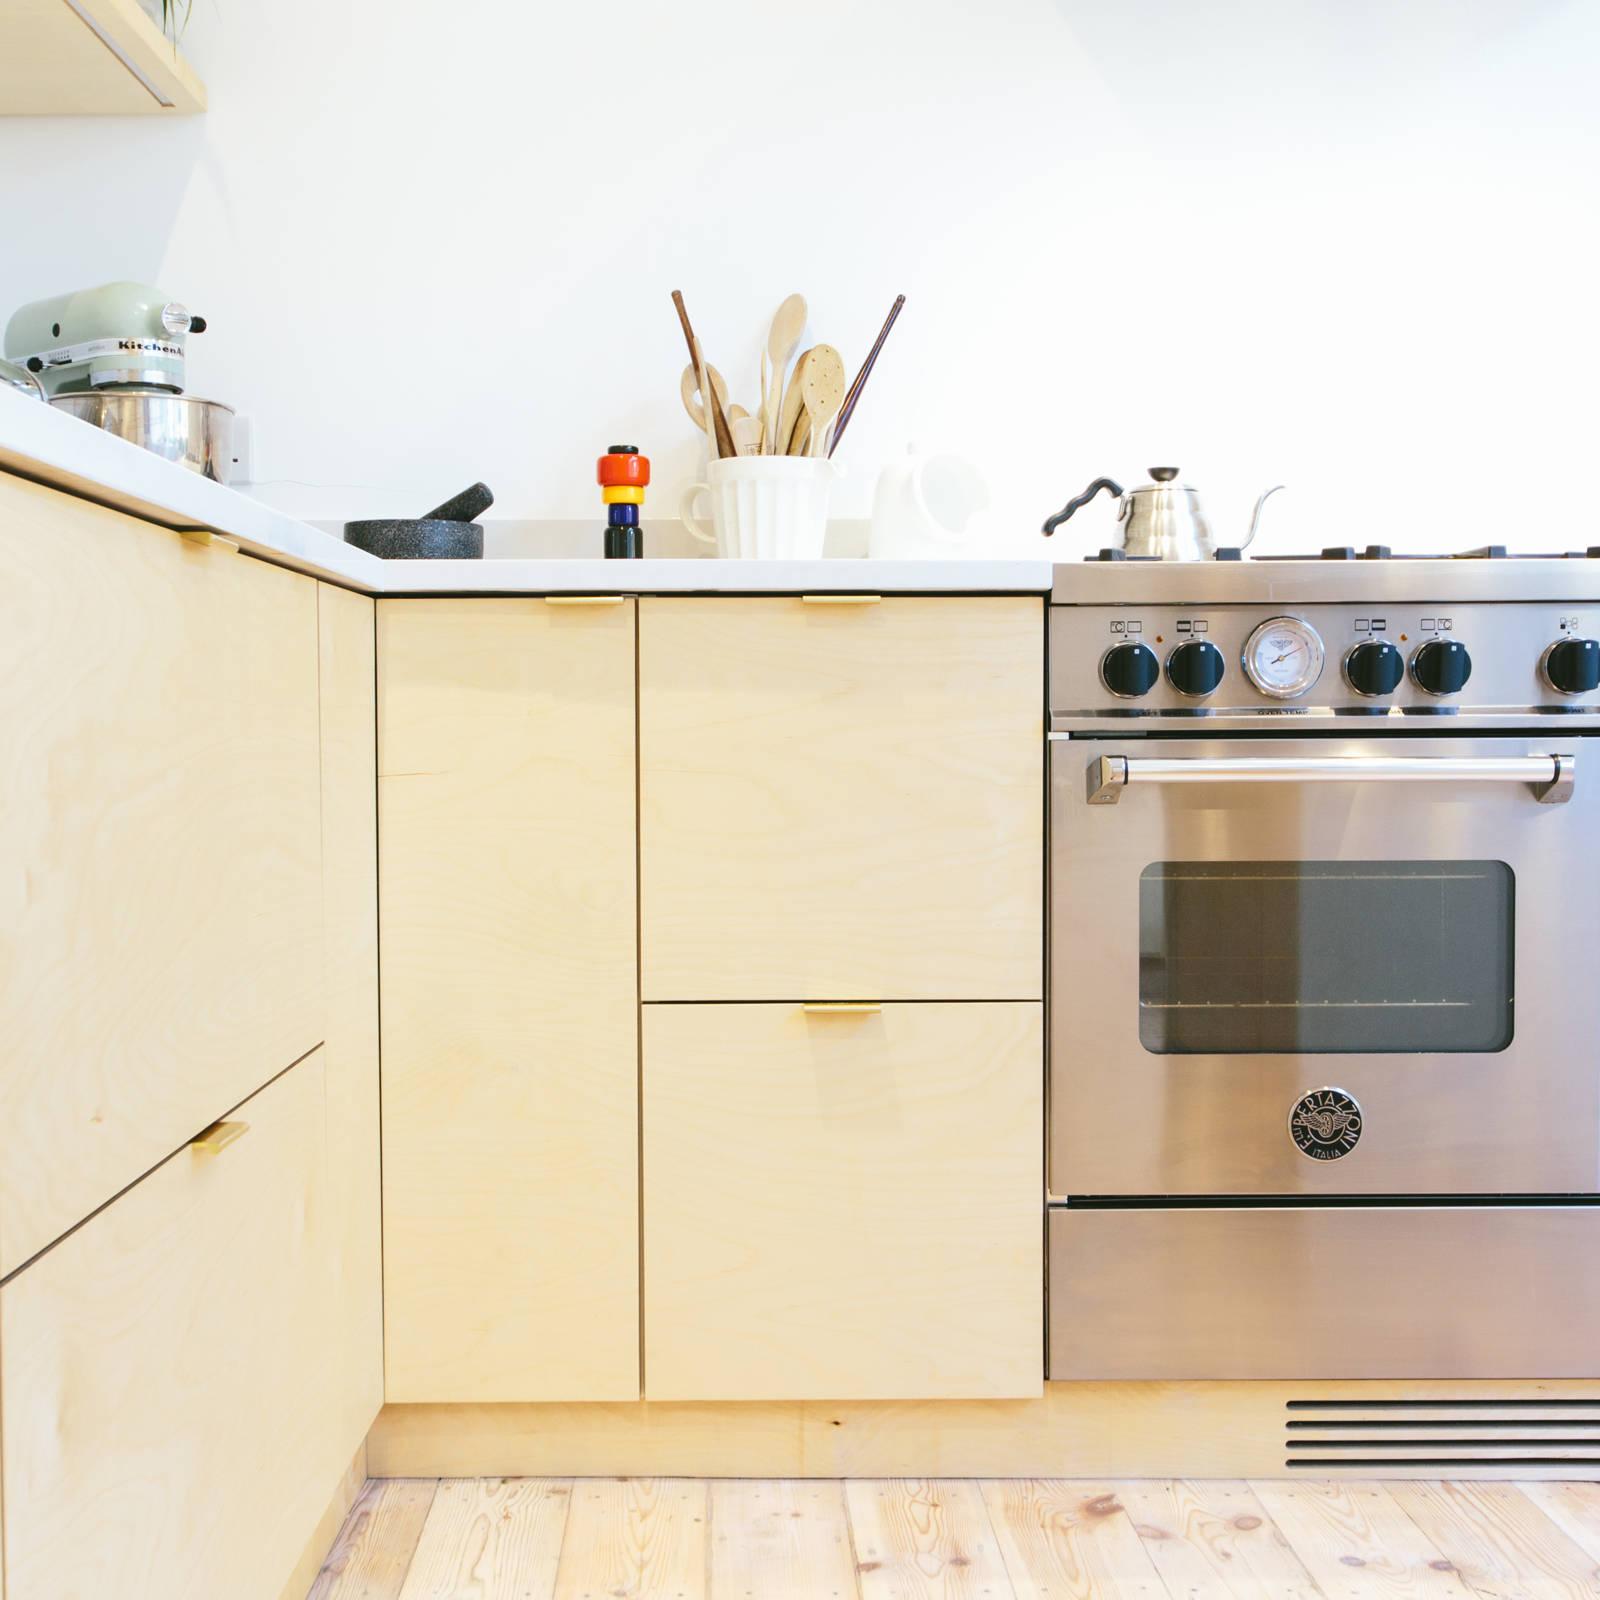 Uitzonderlijk IKEA Metod keuken met multiplex deuren   Interieur inrichting BL02